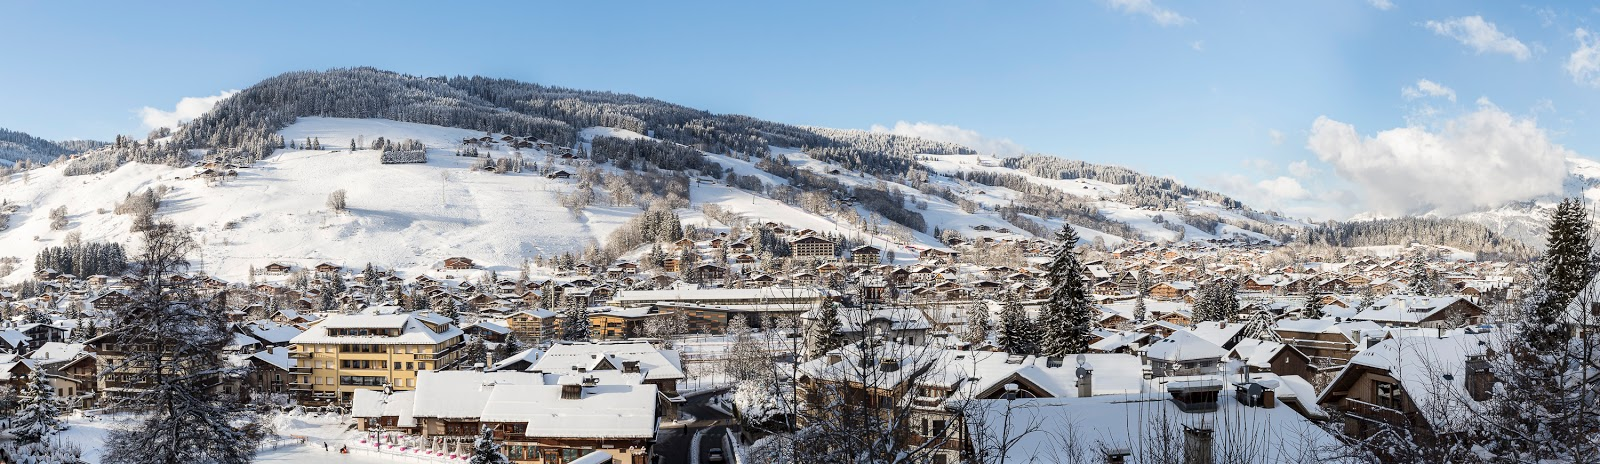 megève alpes